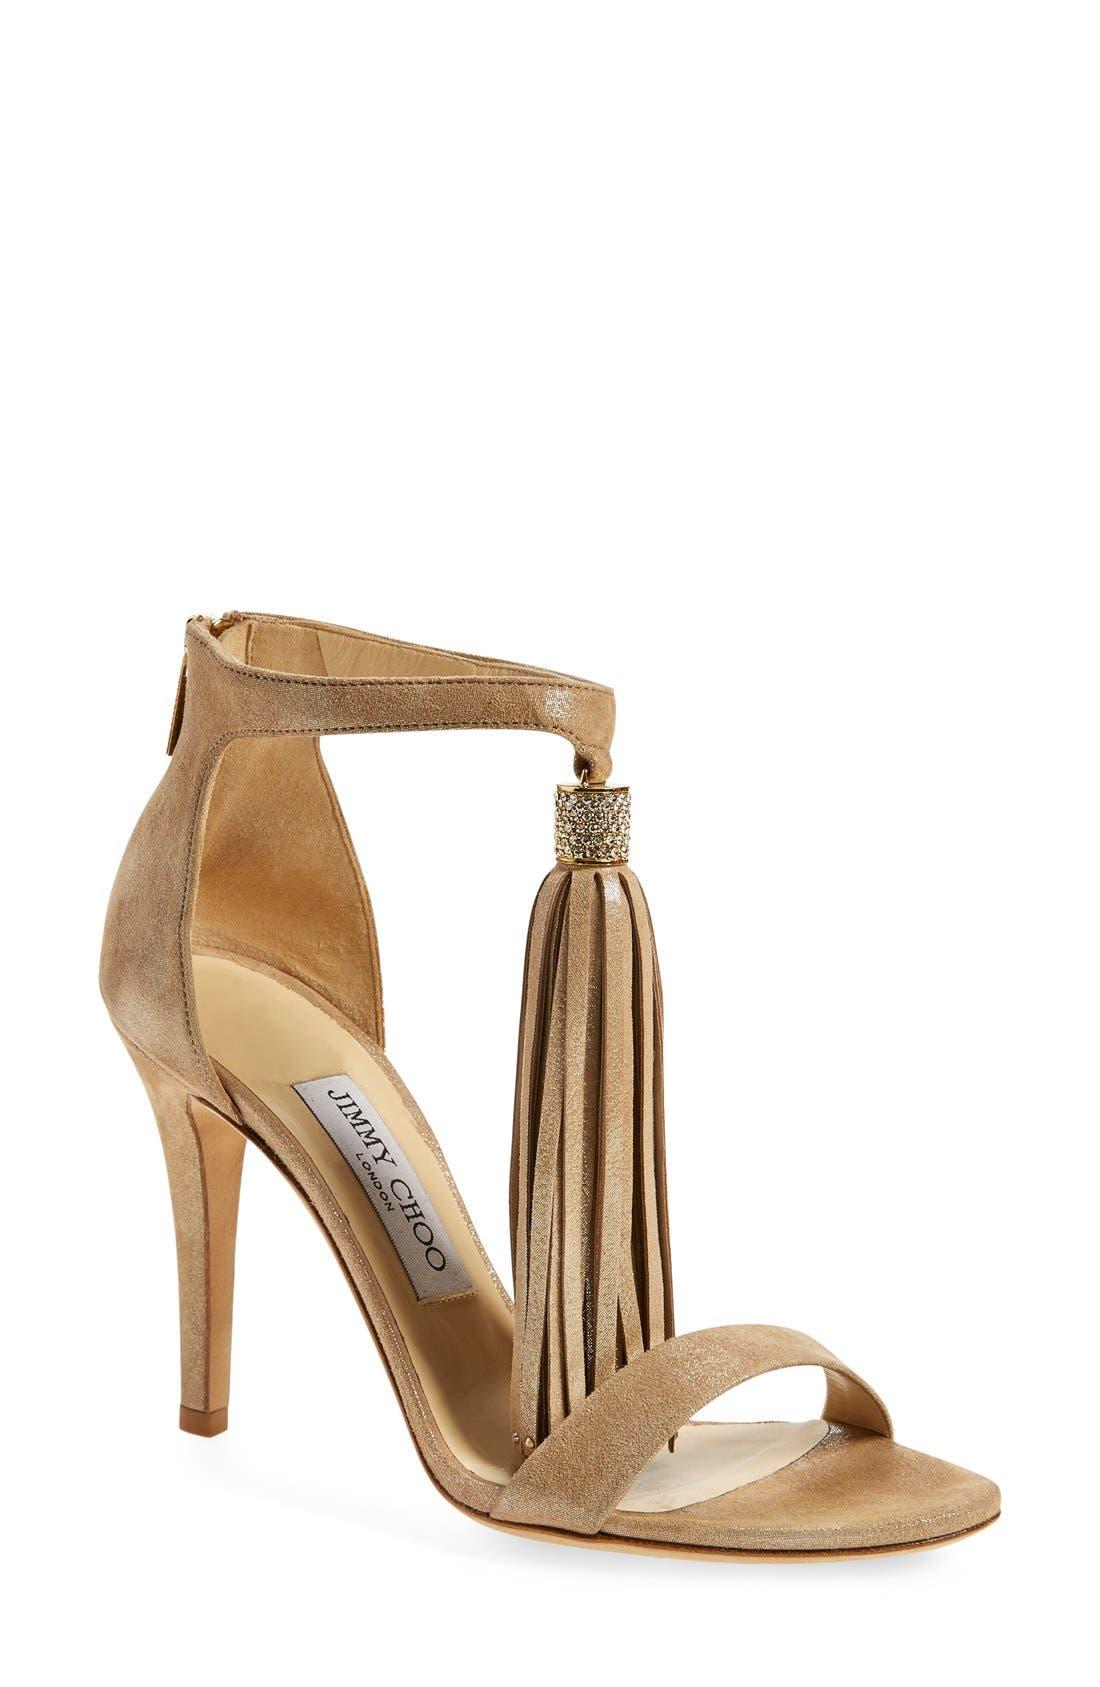 Main Image - Jimmy Choo 'Viola' Ankle Strap Sandal (Women)